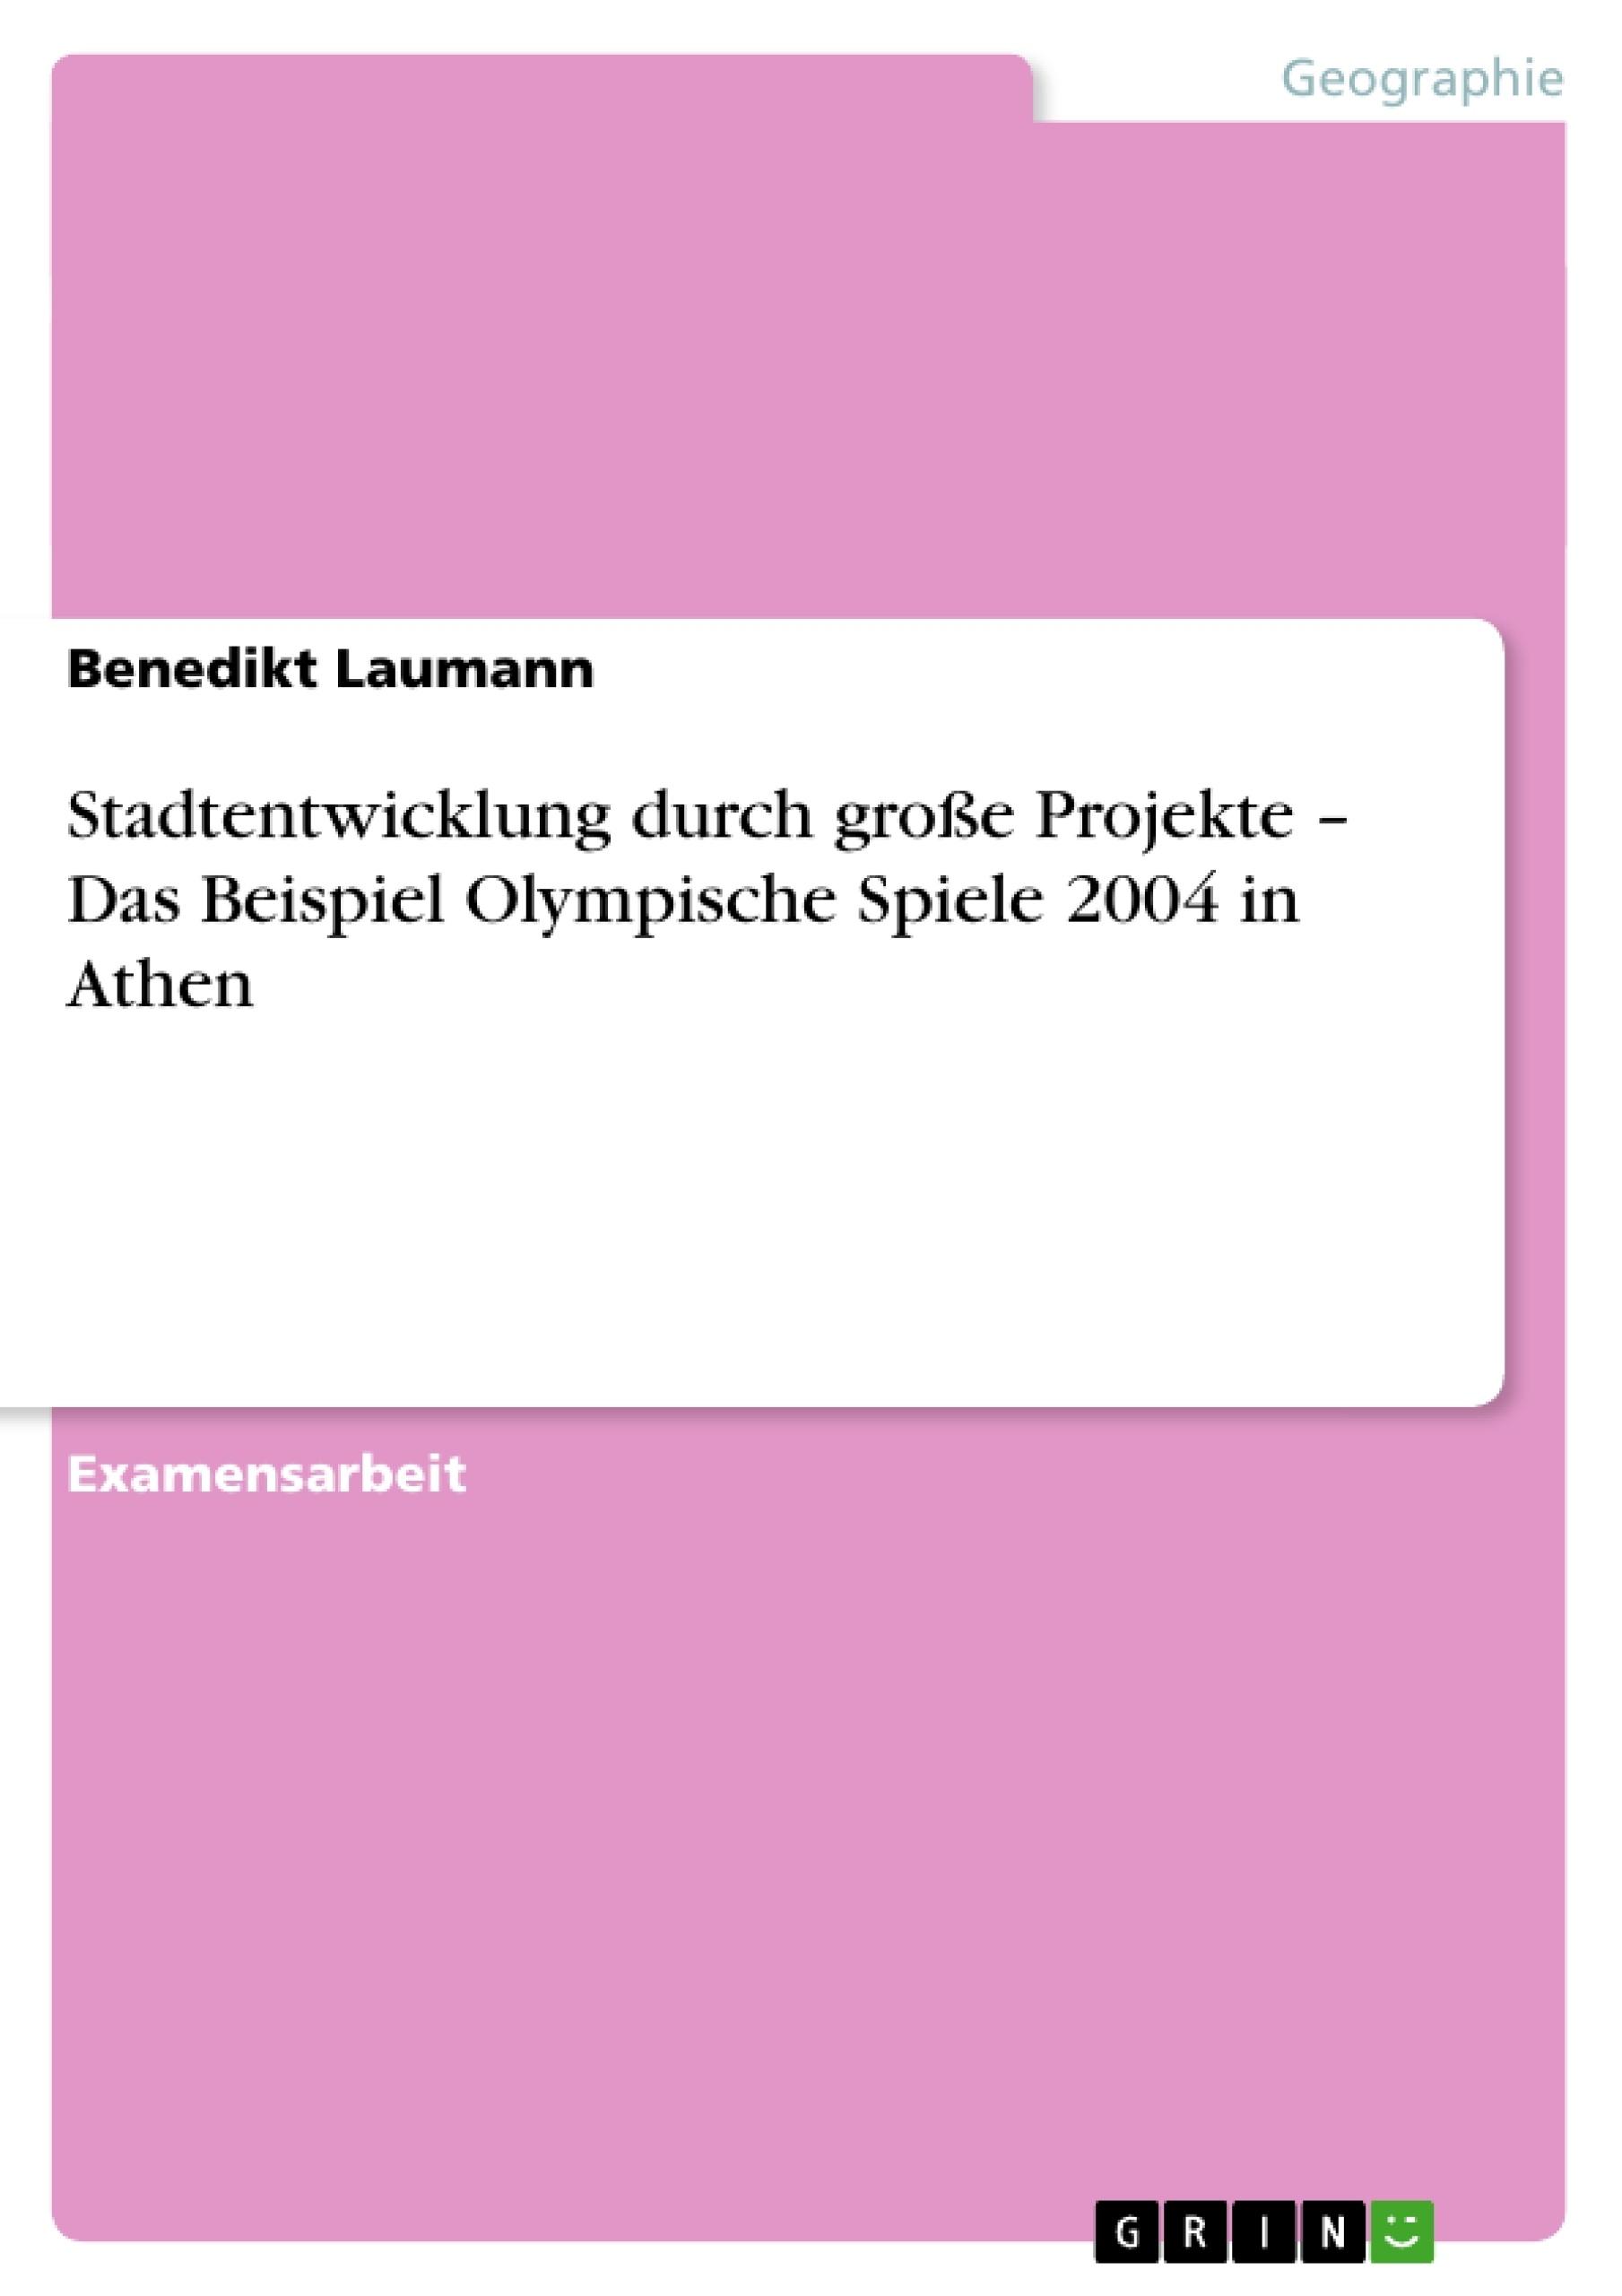 Titel: Stadtentwicklung durch große Projekte – Das Beispiel Olympische Spiele 2004 in Athen